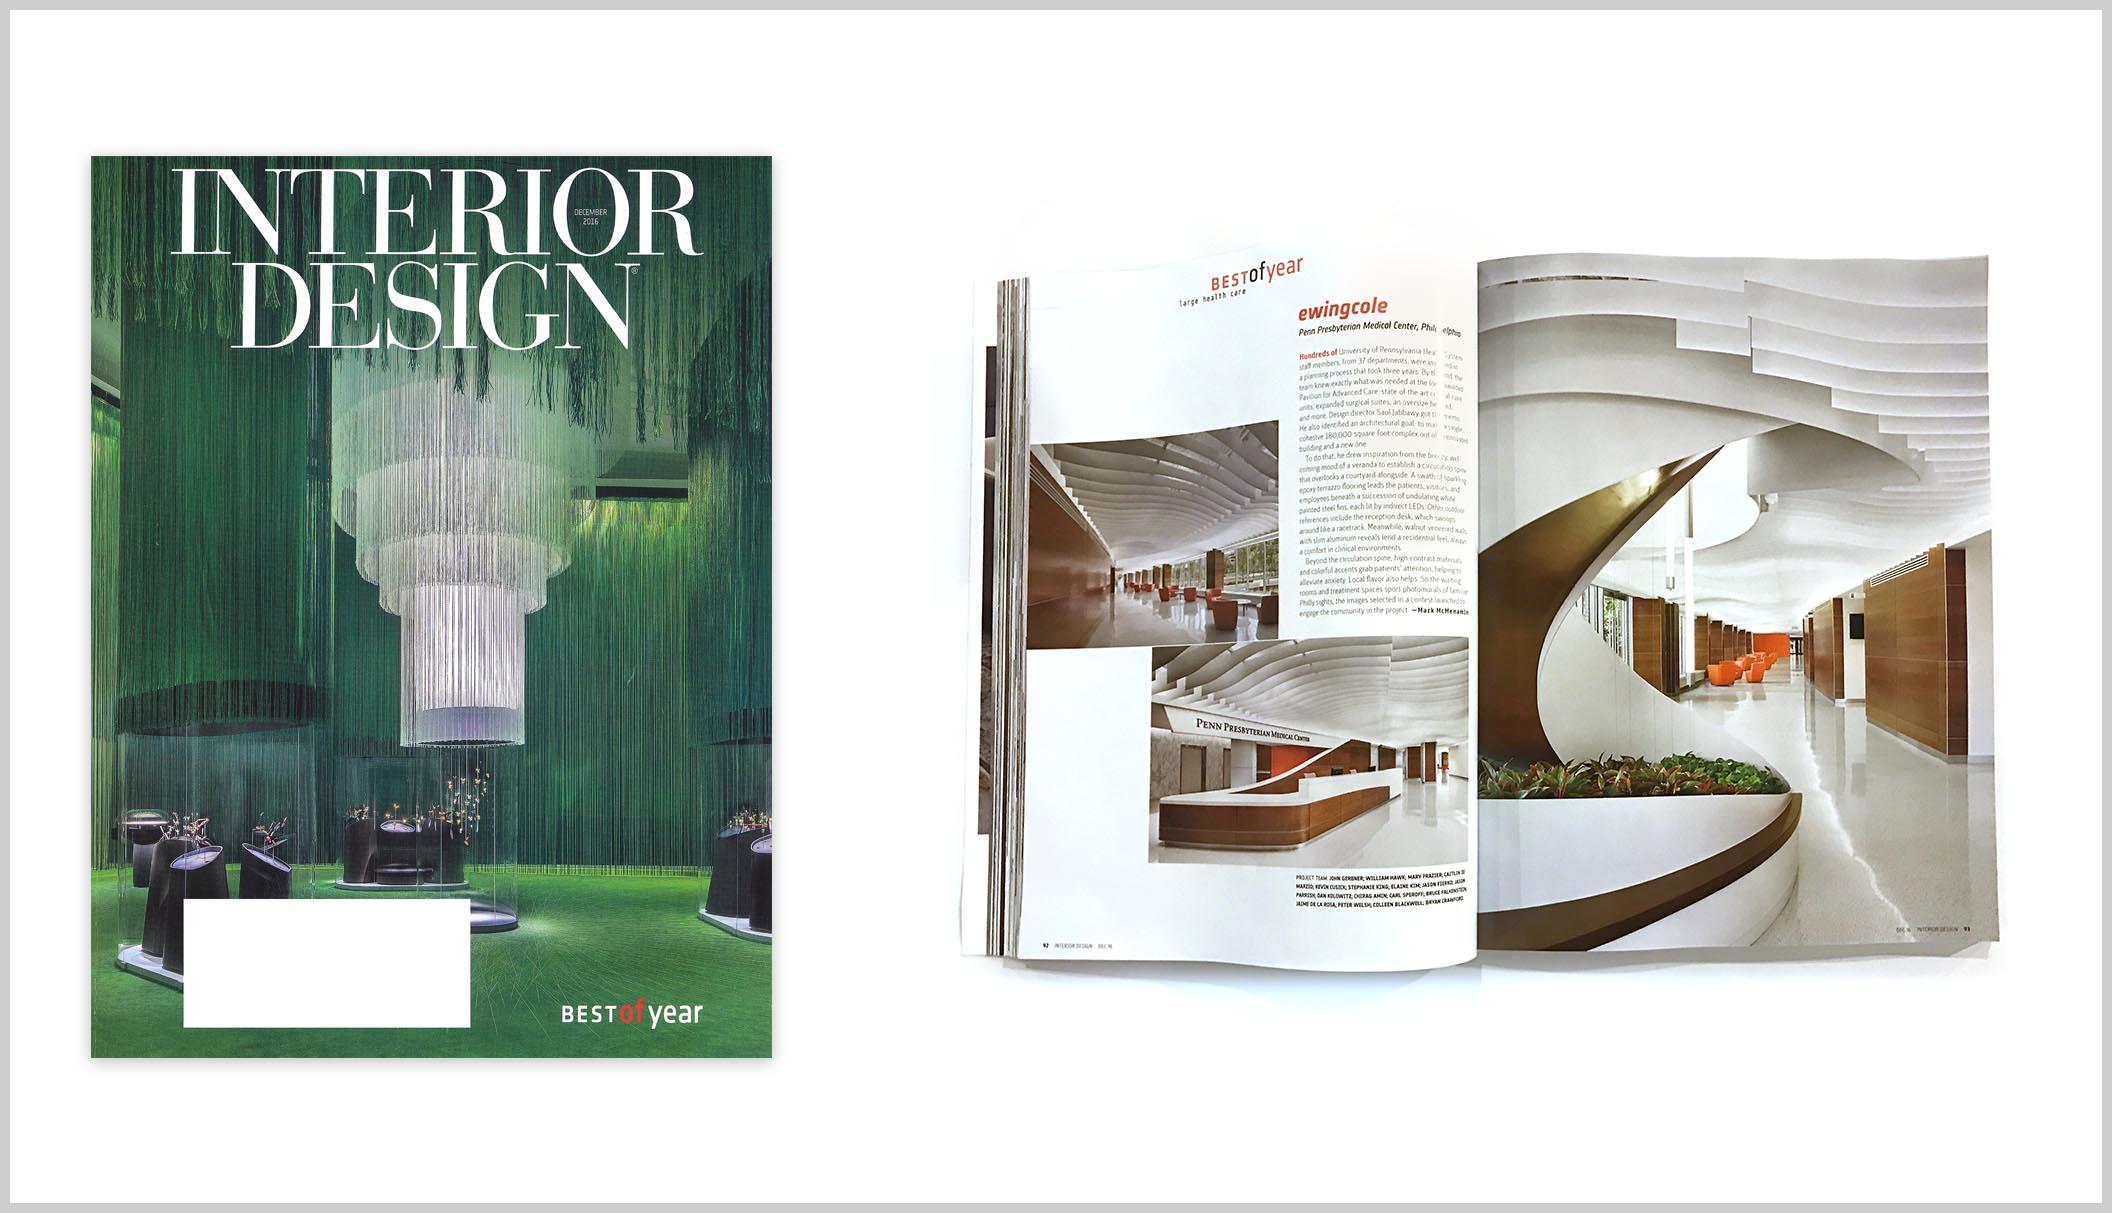 Interior Design 2016 Best Of Year Winner Arktura